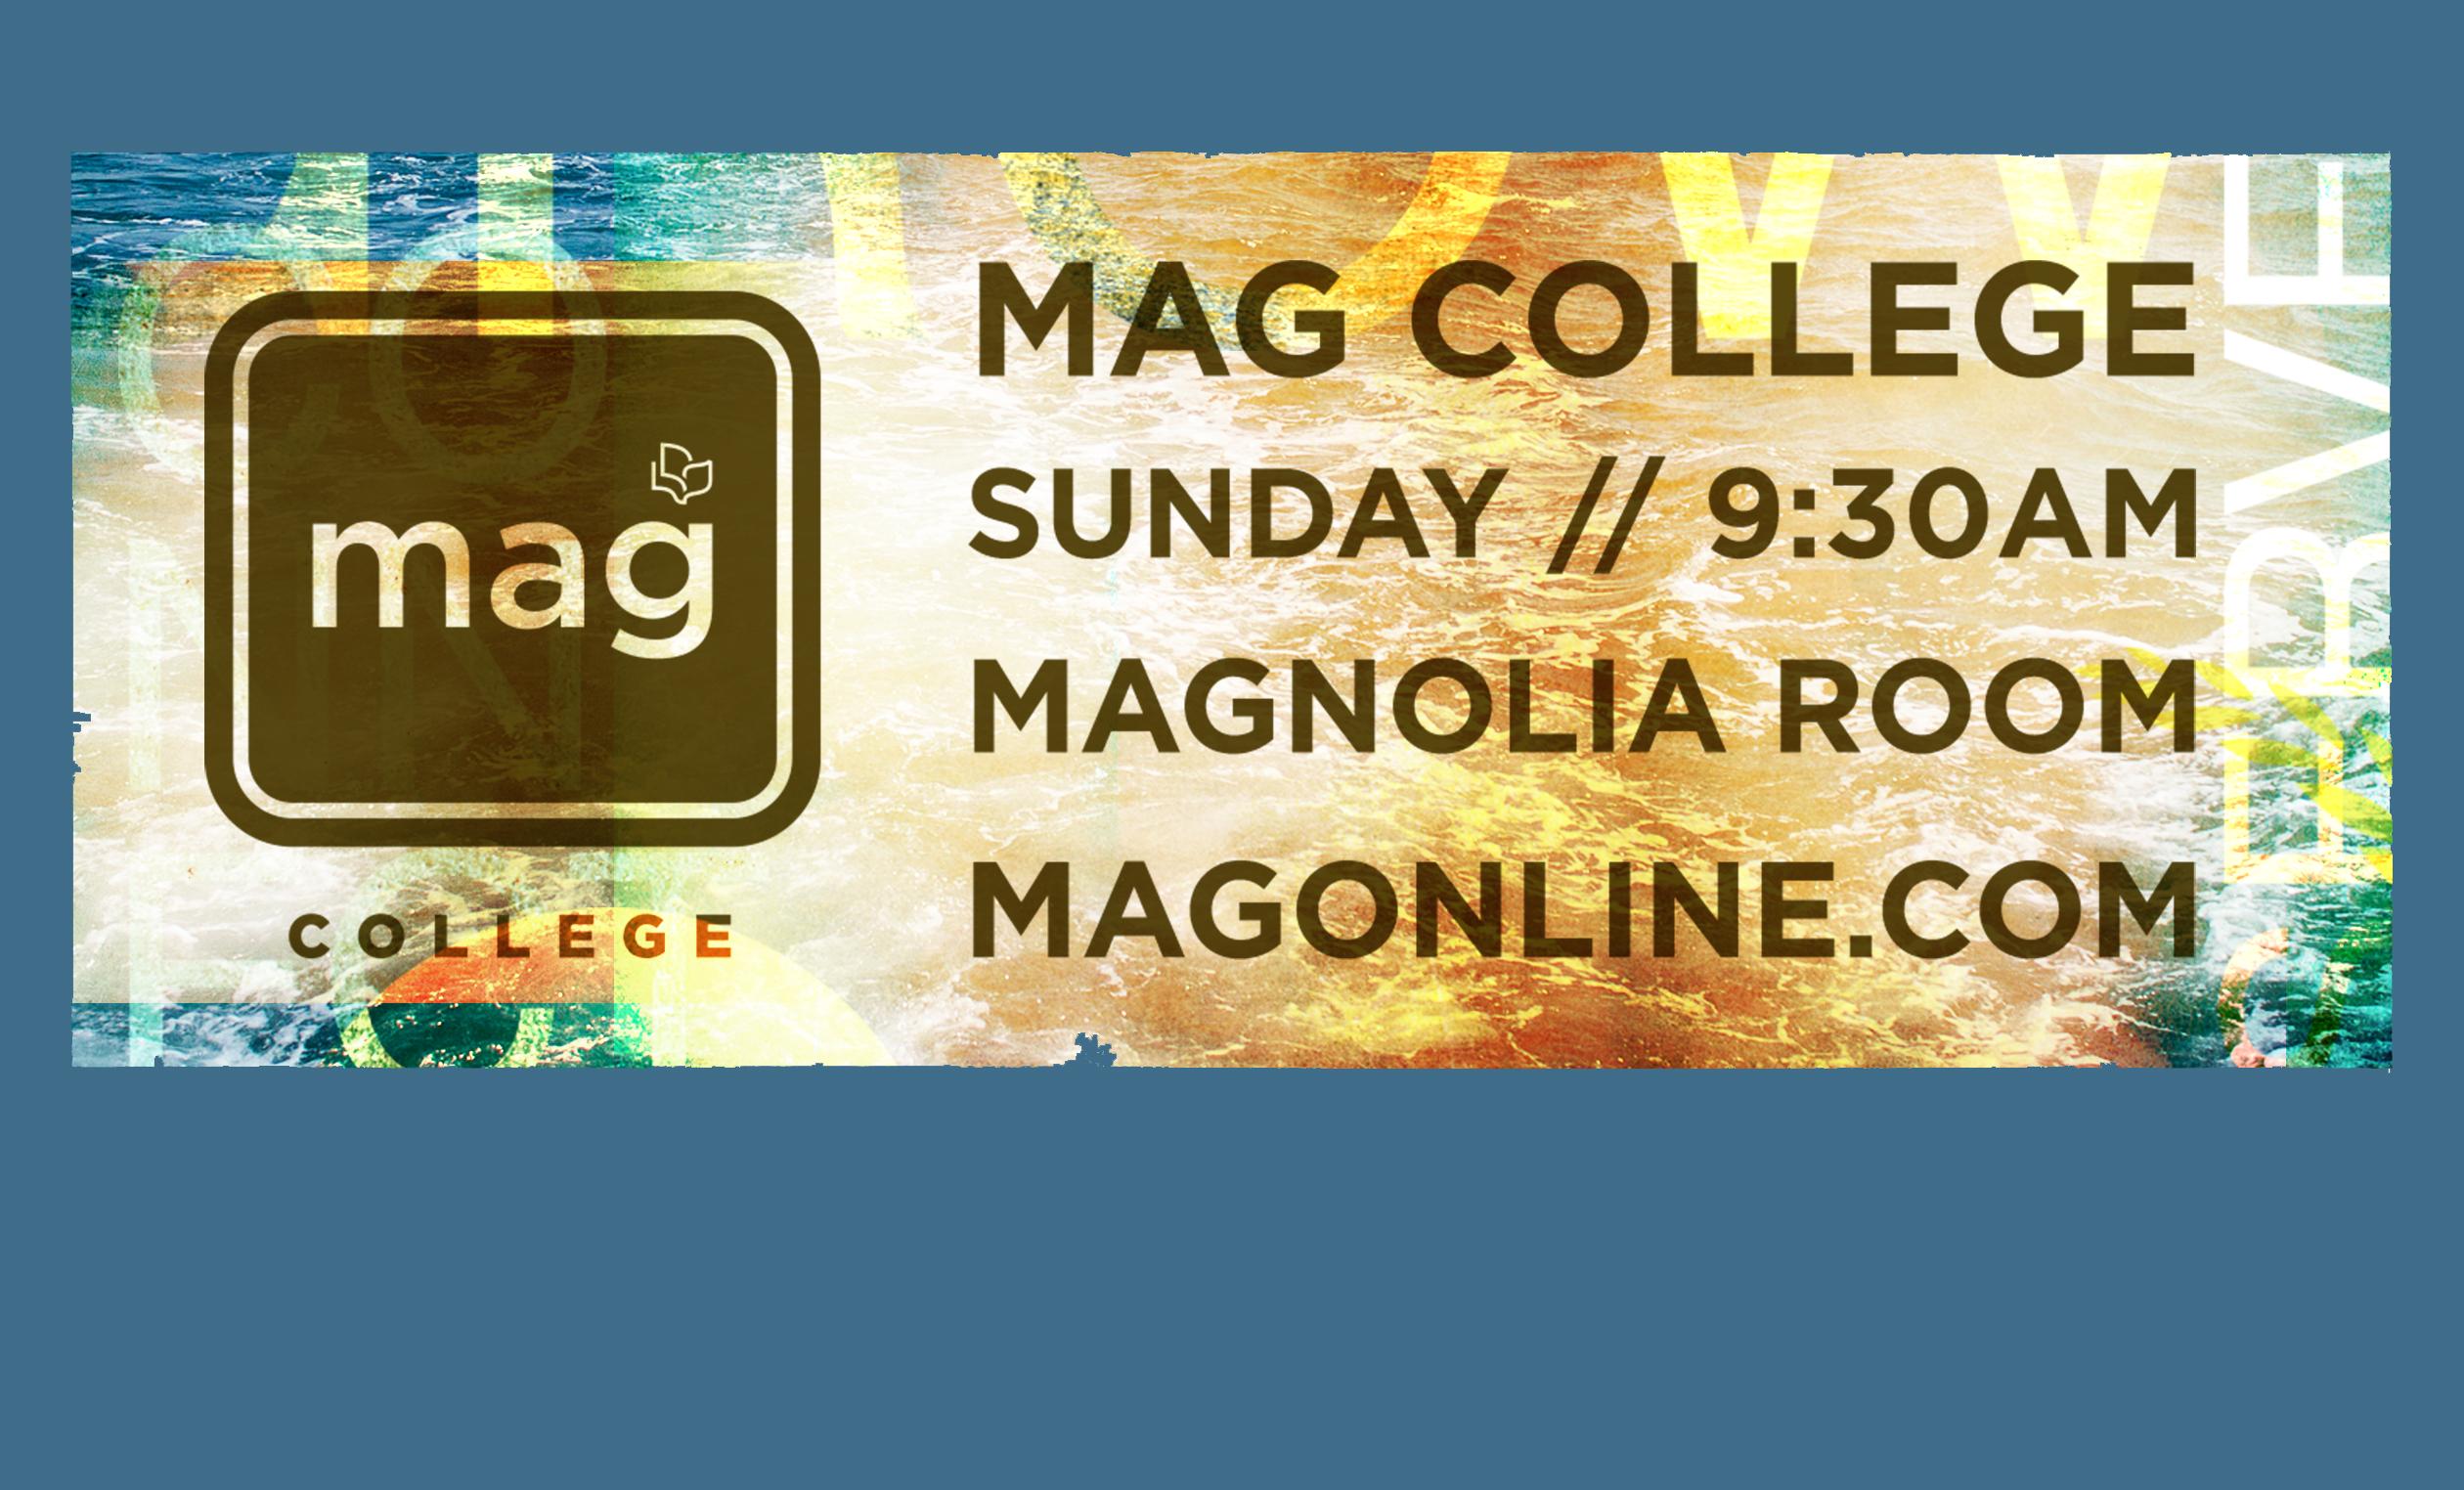 MagCollegeSlide-blue-border1